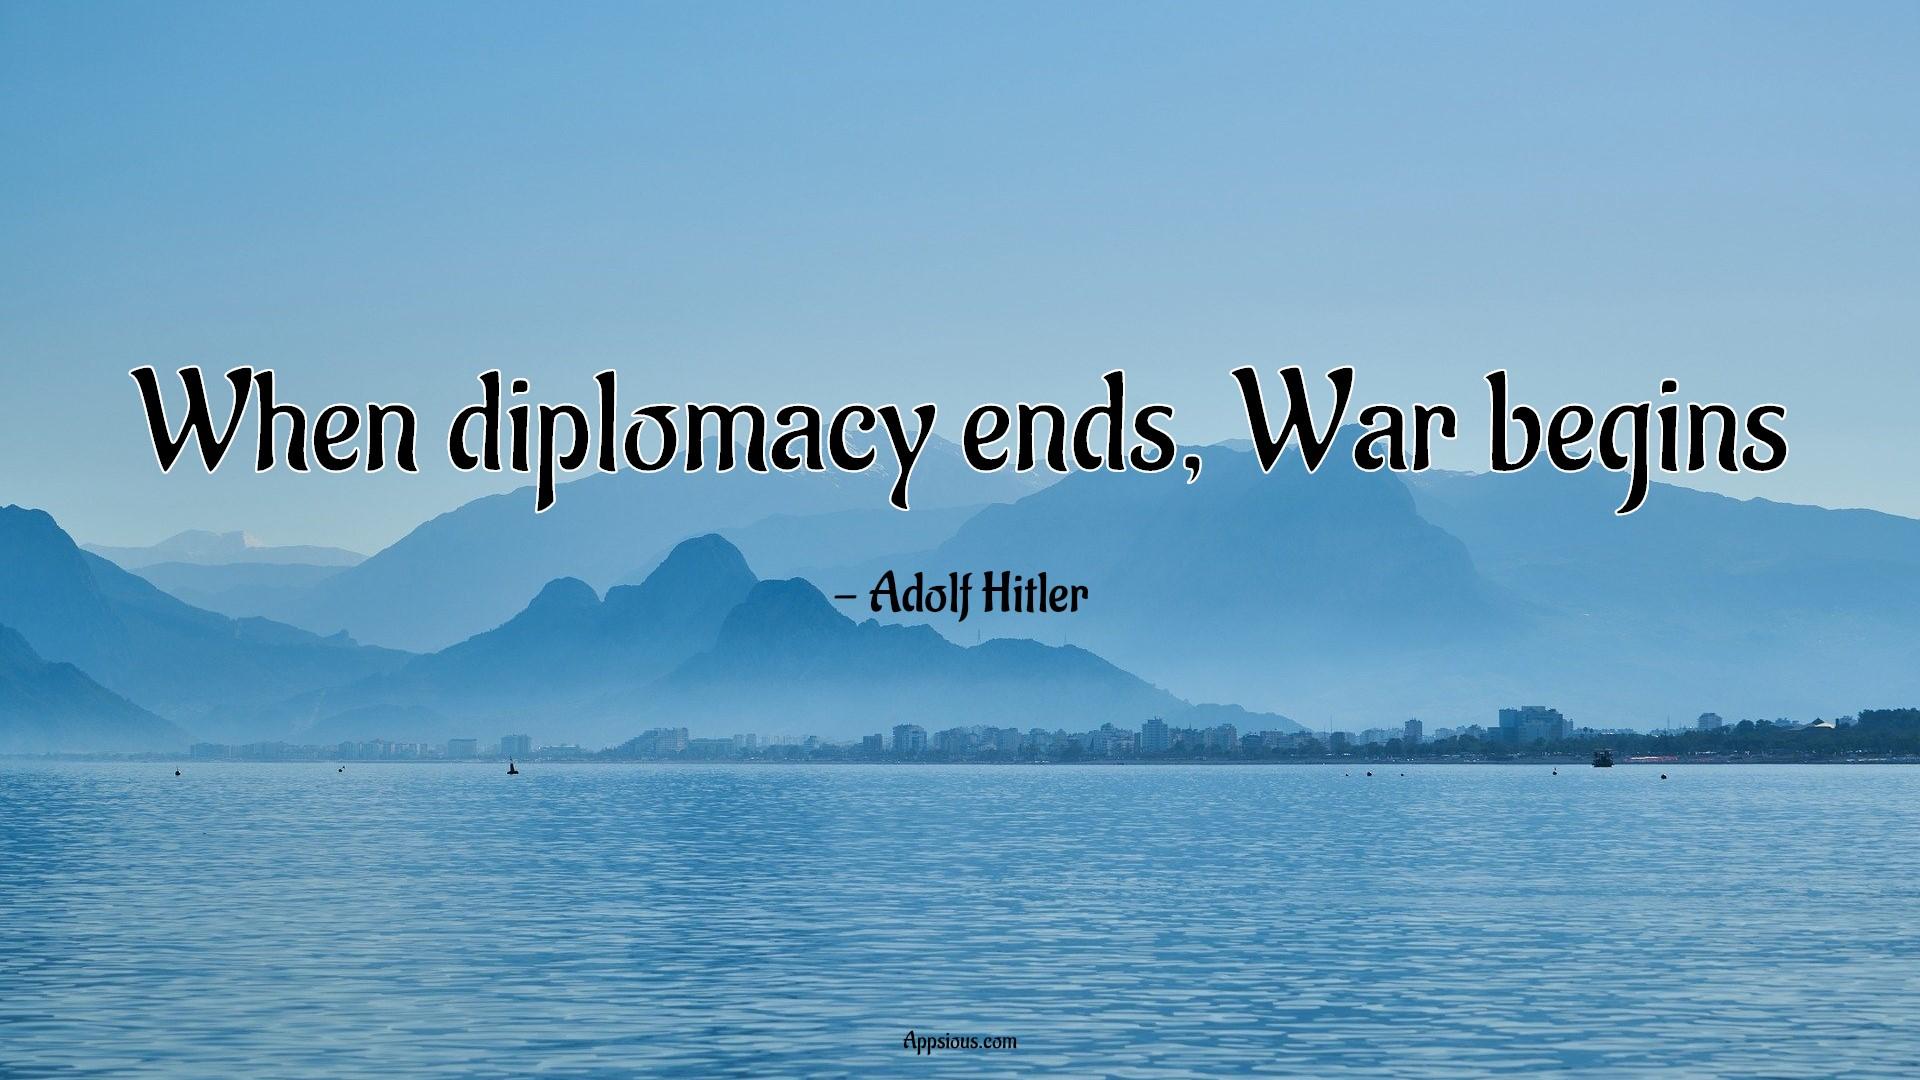 When diplomacy ends, War begins